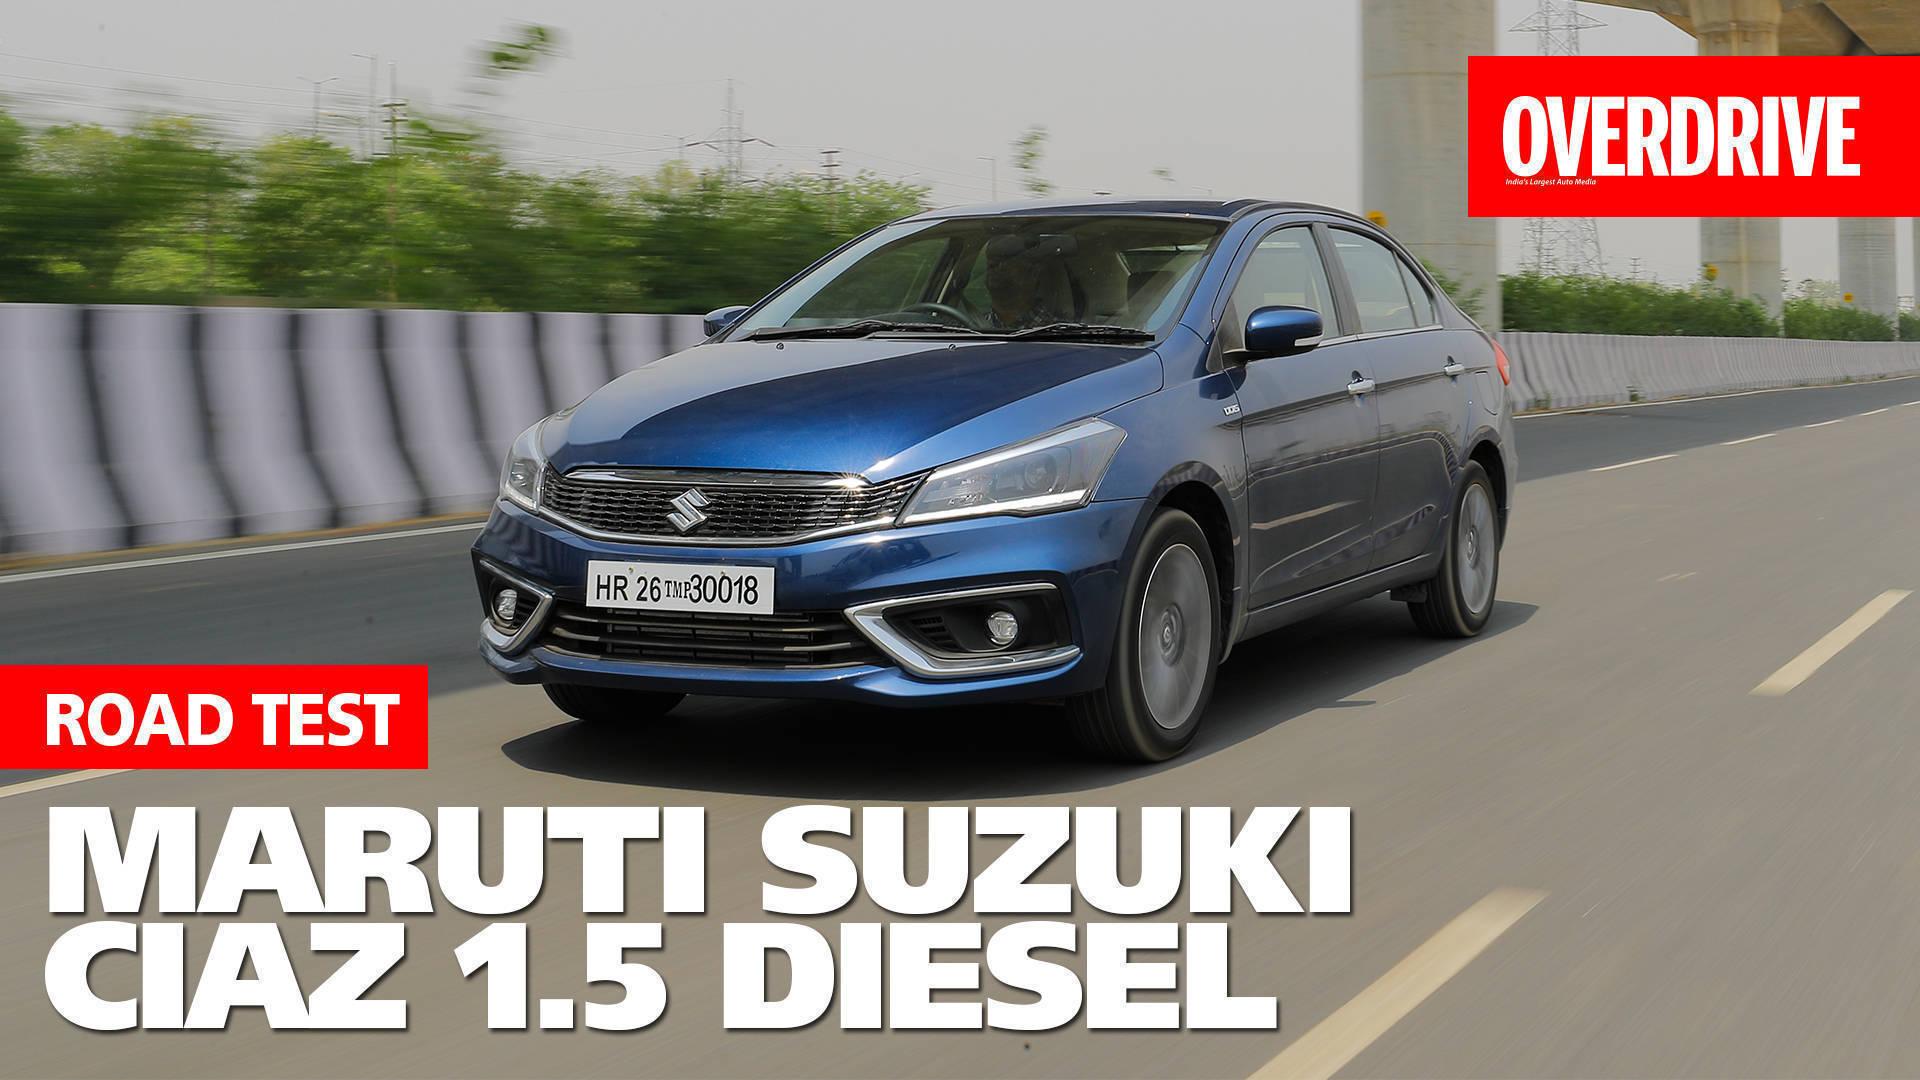 2019 Maruti Suzuki Ciaz 1.5 Diesel | Road Test